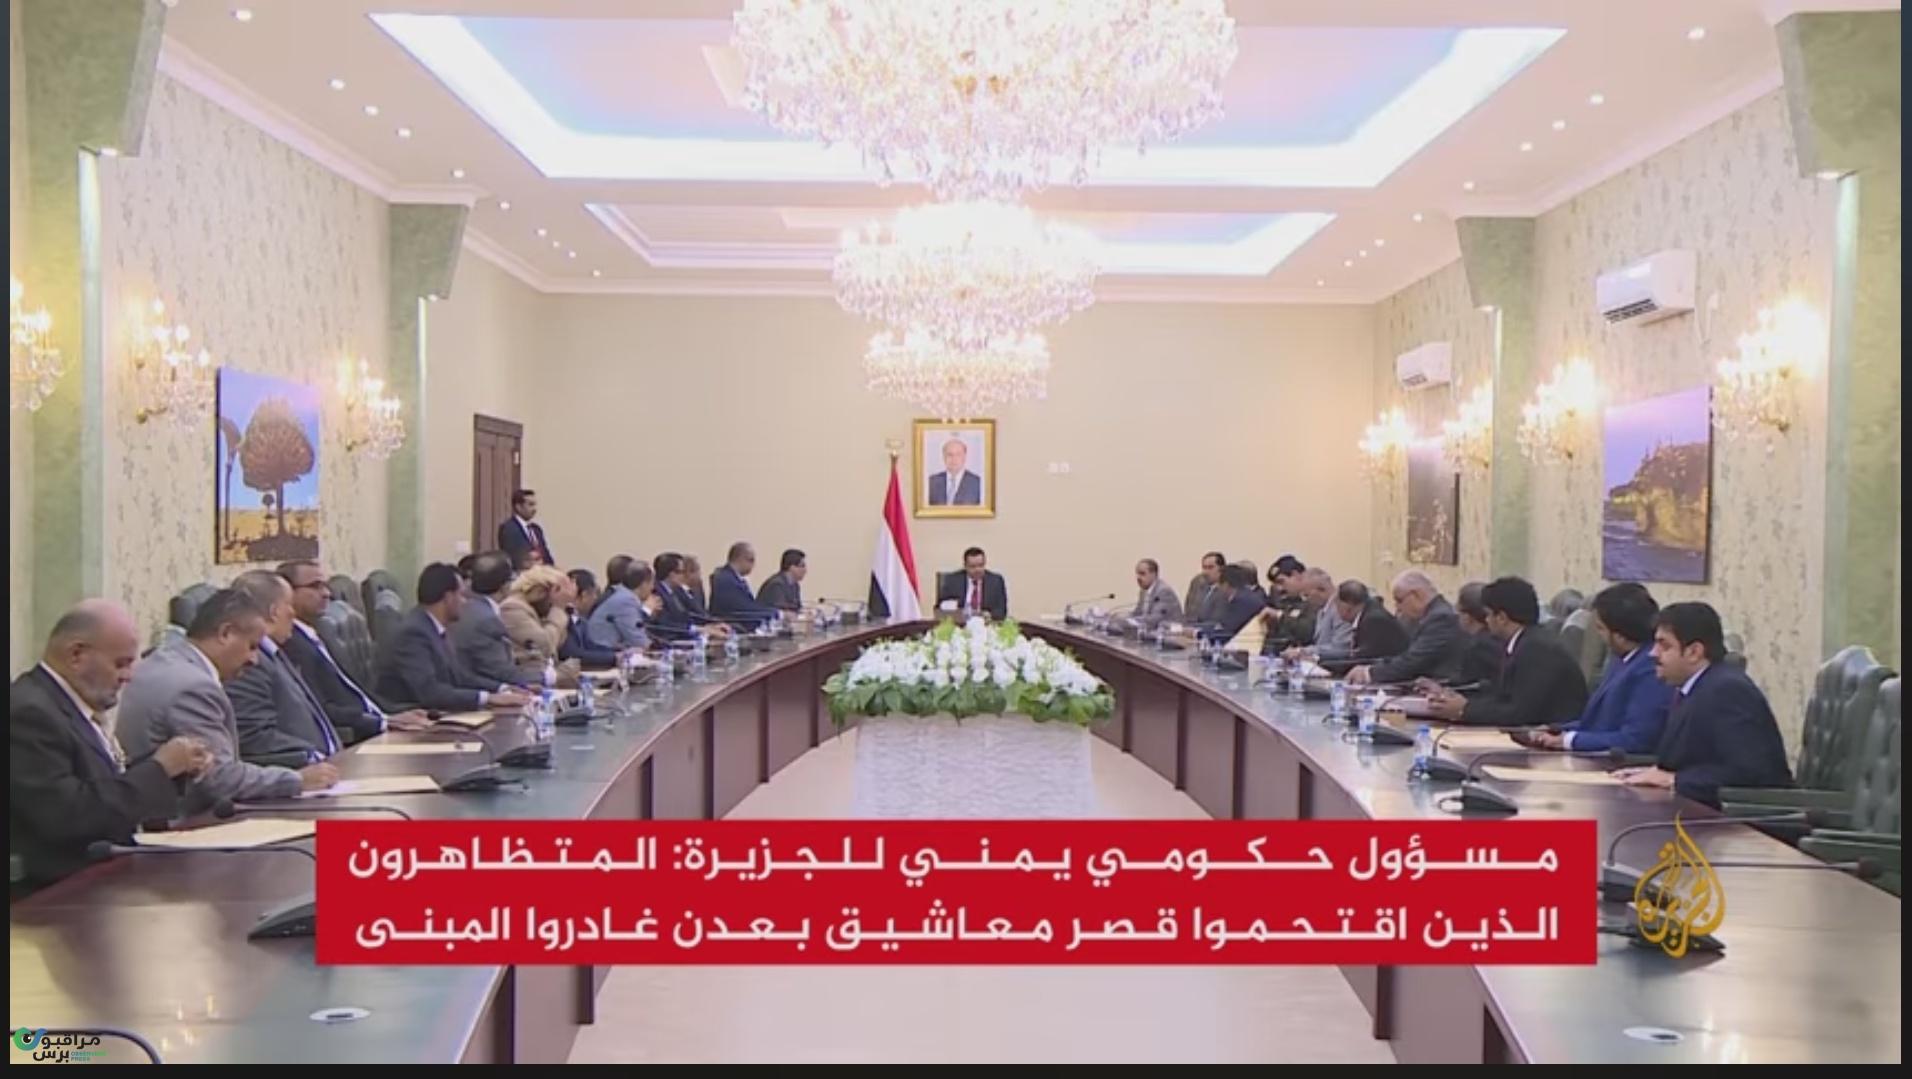 حكومة الشرعية اليمنية تعلن مكان وجودها وتوضح حقيقة مغادرتها لعدن